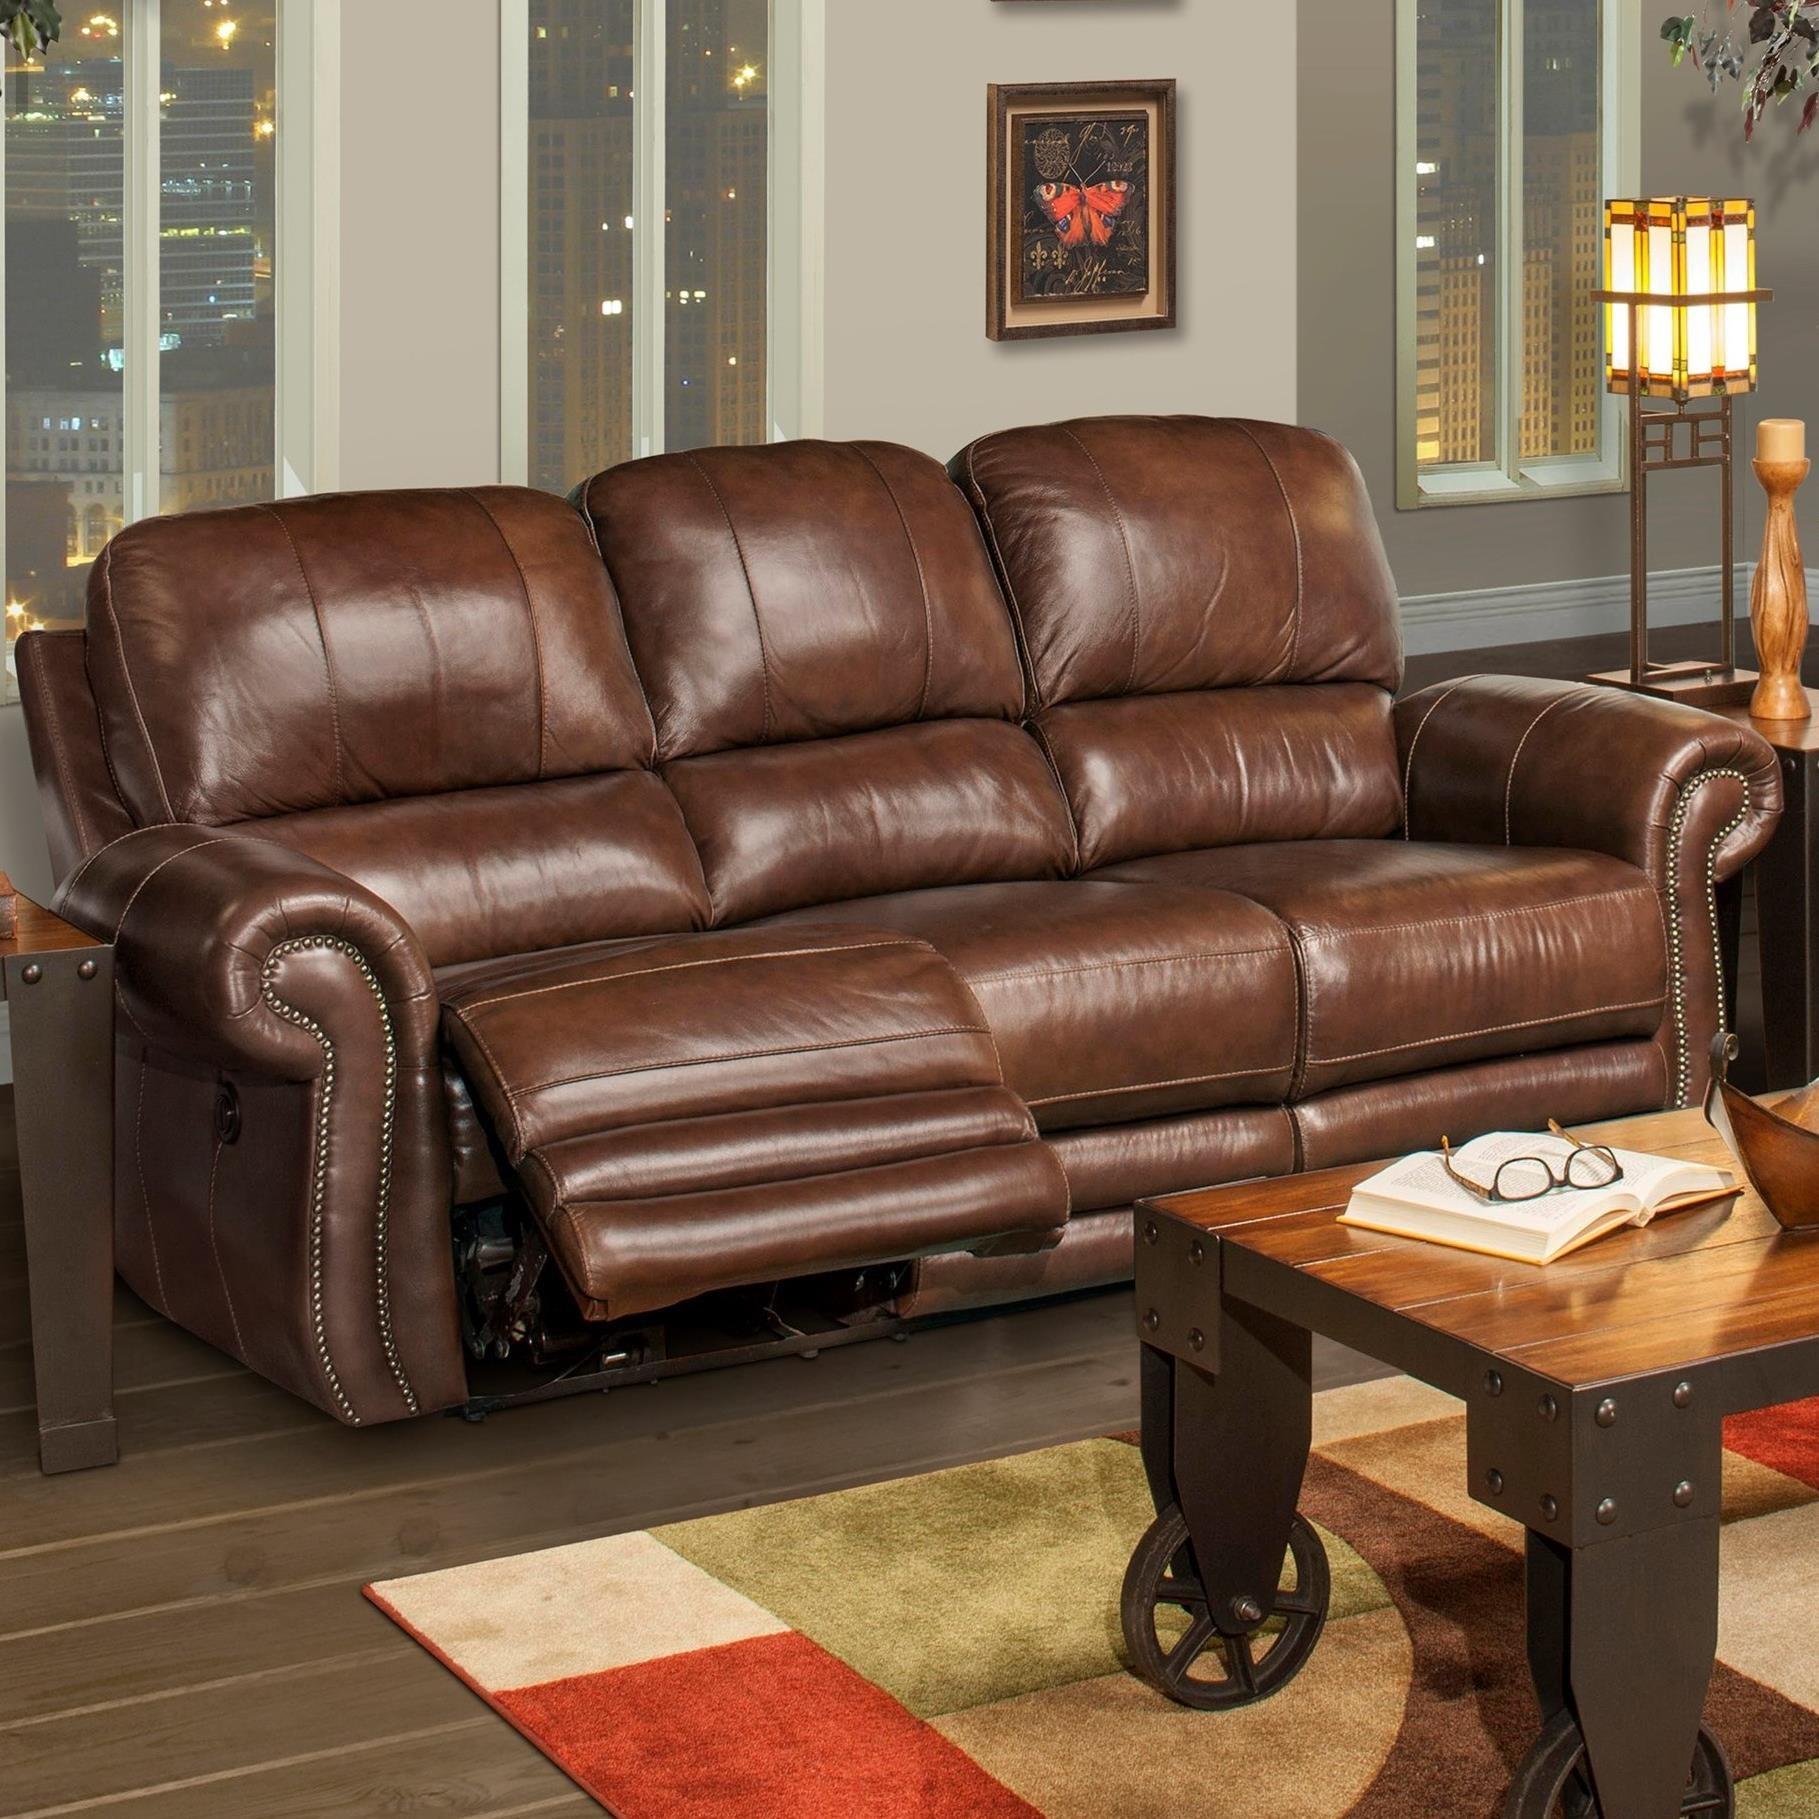 New Classic RossiDual Recliner Sofa